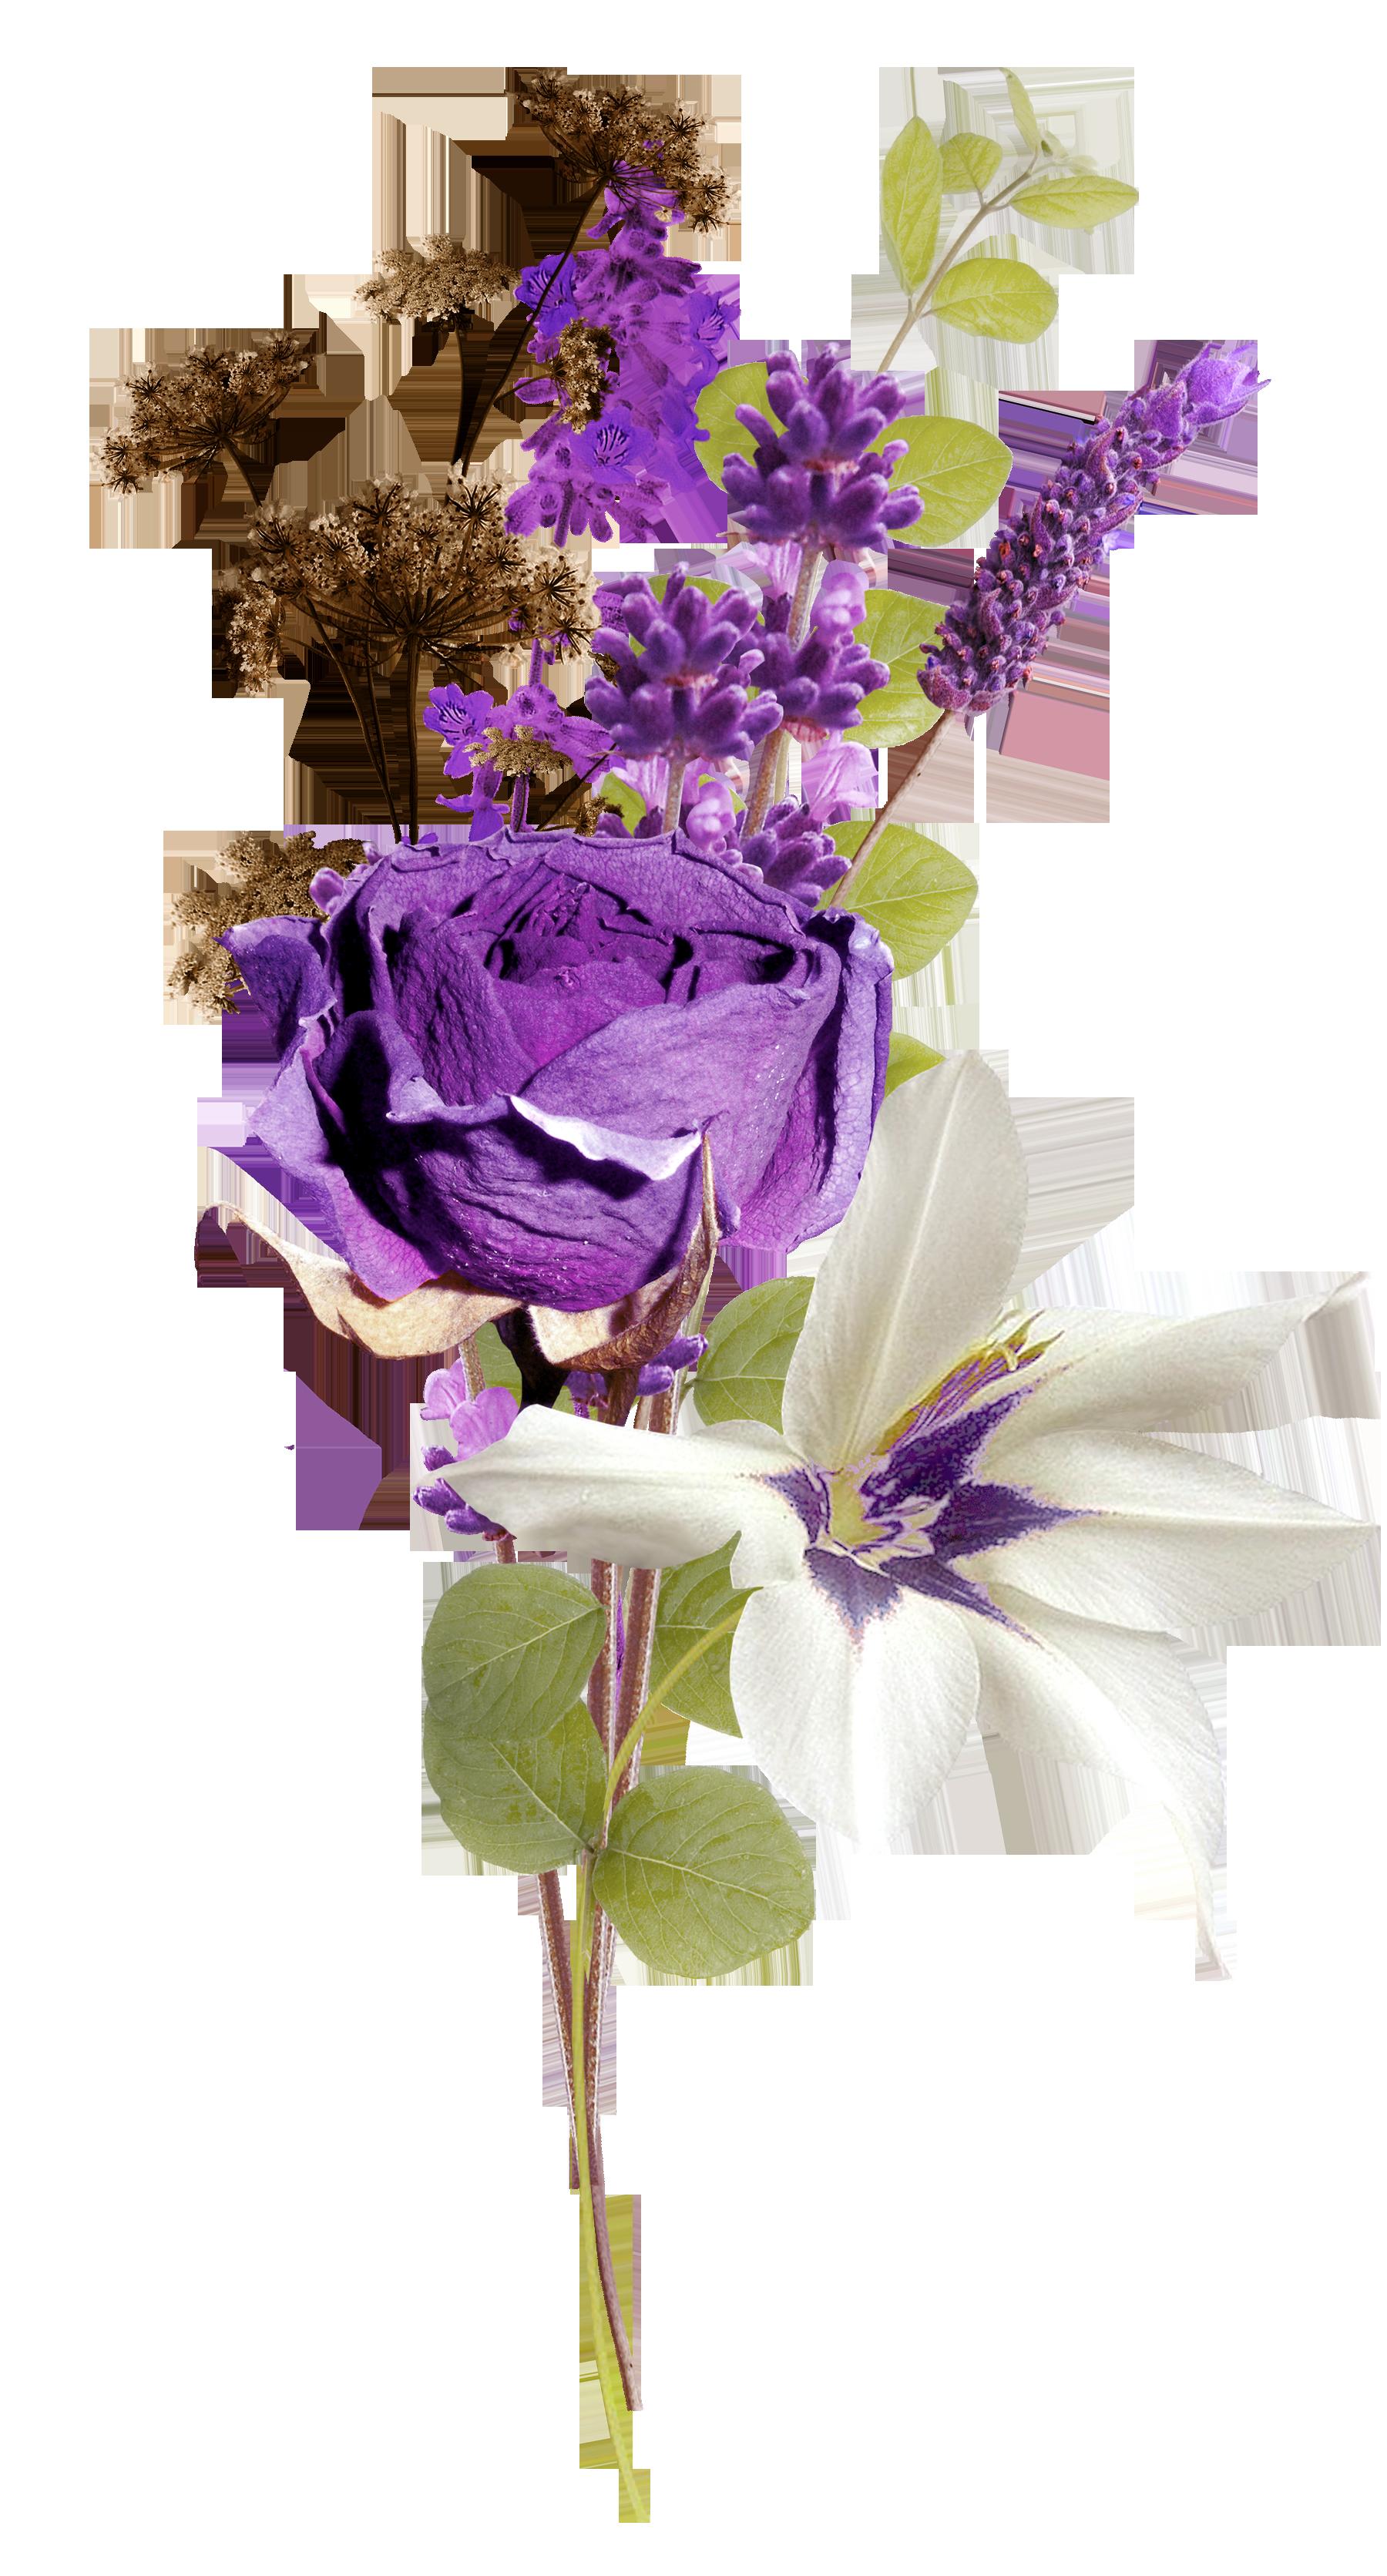 Lavender web browser clip. Clipart roses lavendar